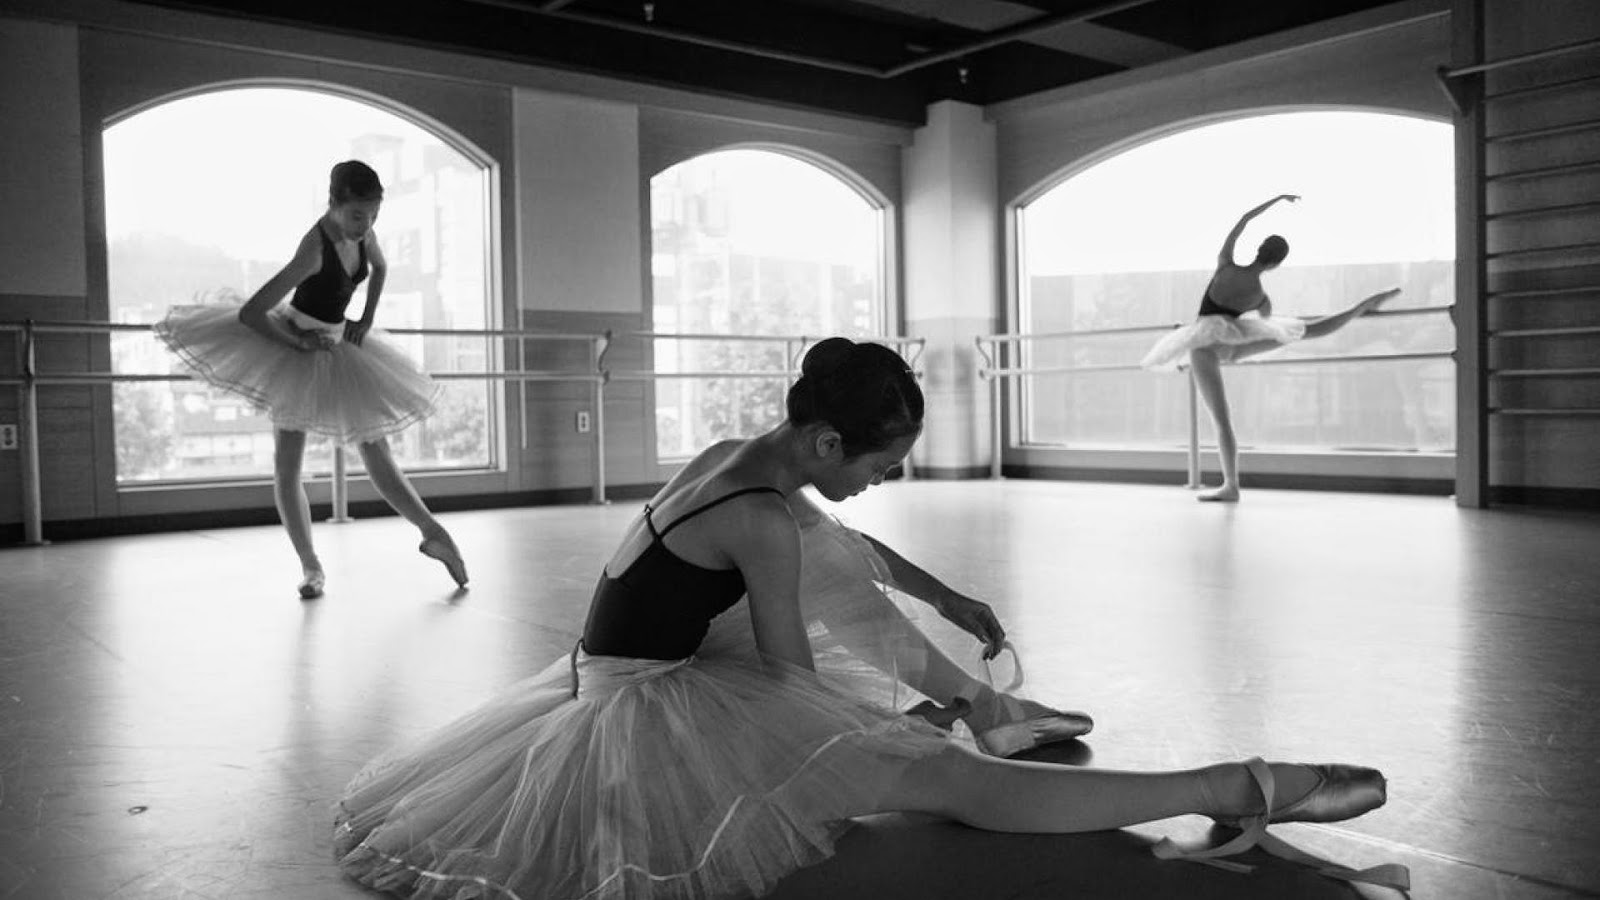 Ballet Dance Wallpapers Hd Resolution Dodskypict: Violetas: LA CARICIA EN BIODANZA